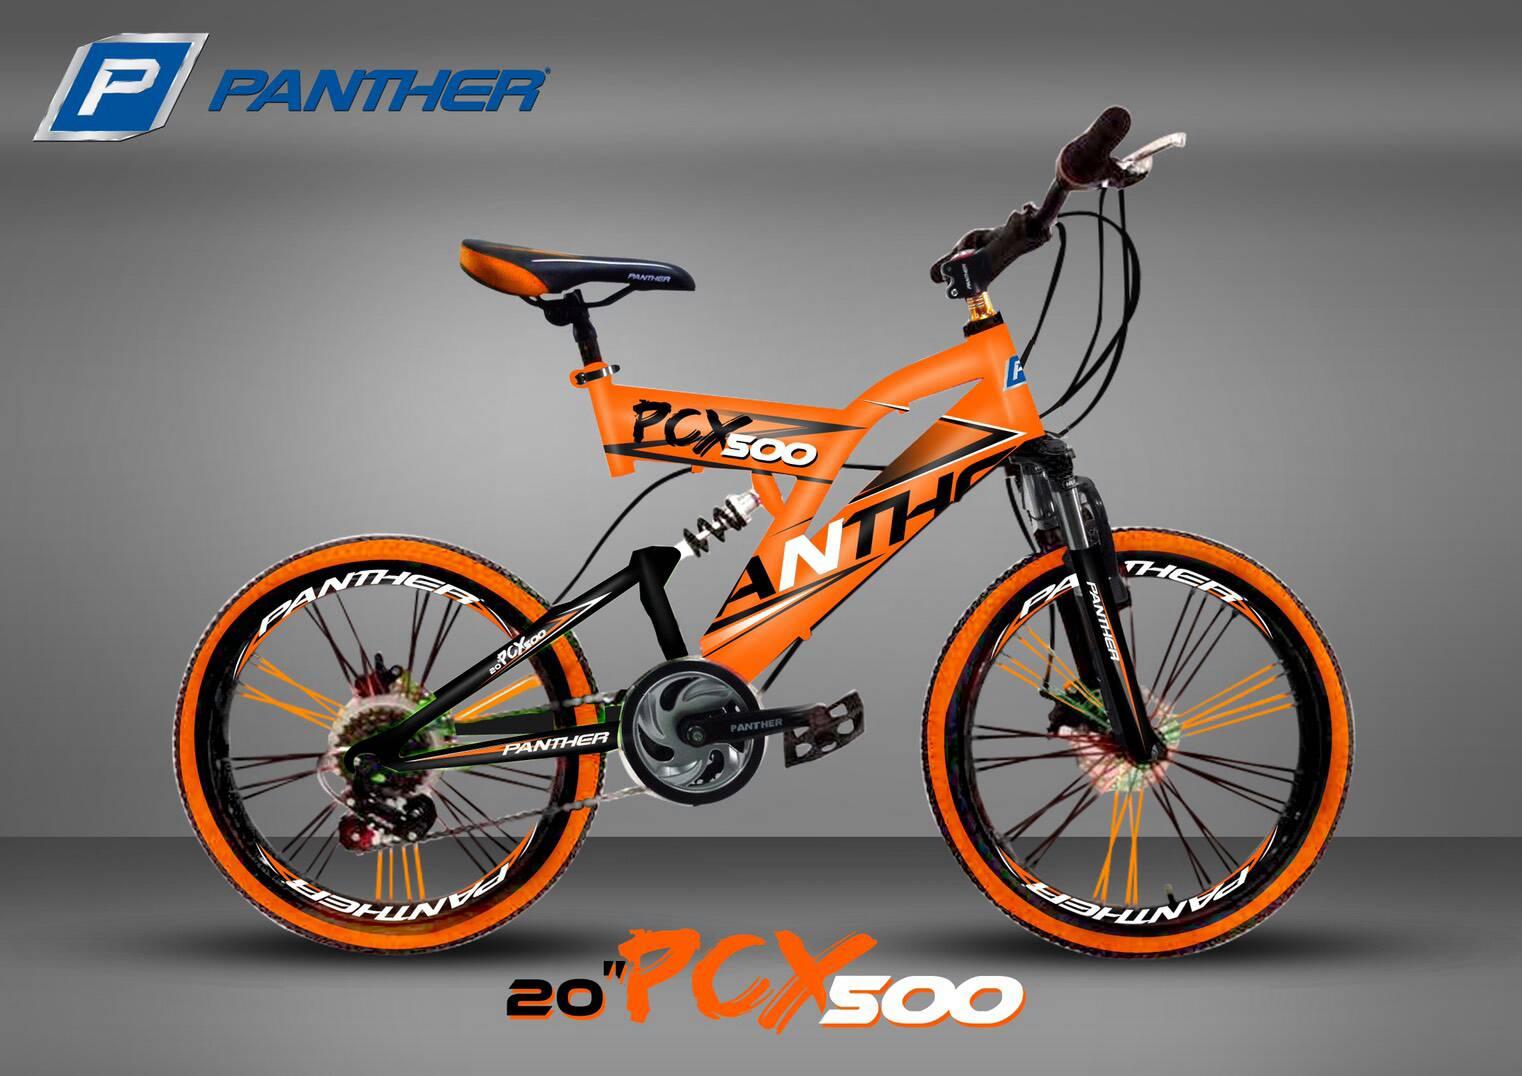 จักรยานเสือเด็ก Panther PCX-500 เฟรมเหล็ก 6 สปีดล้อ20 นิ้ว